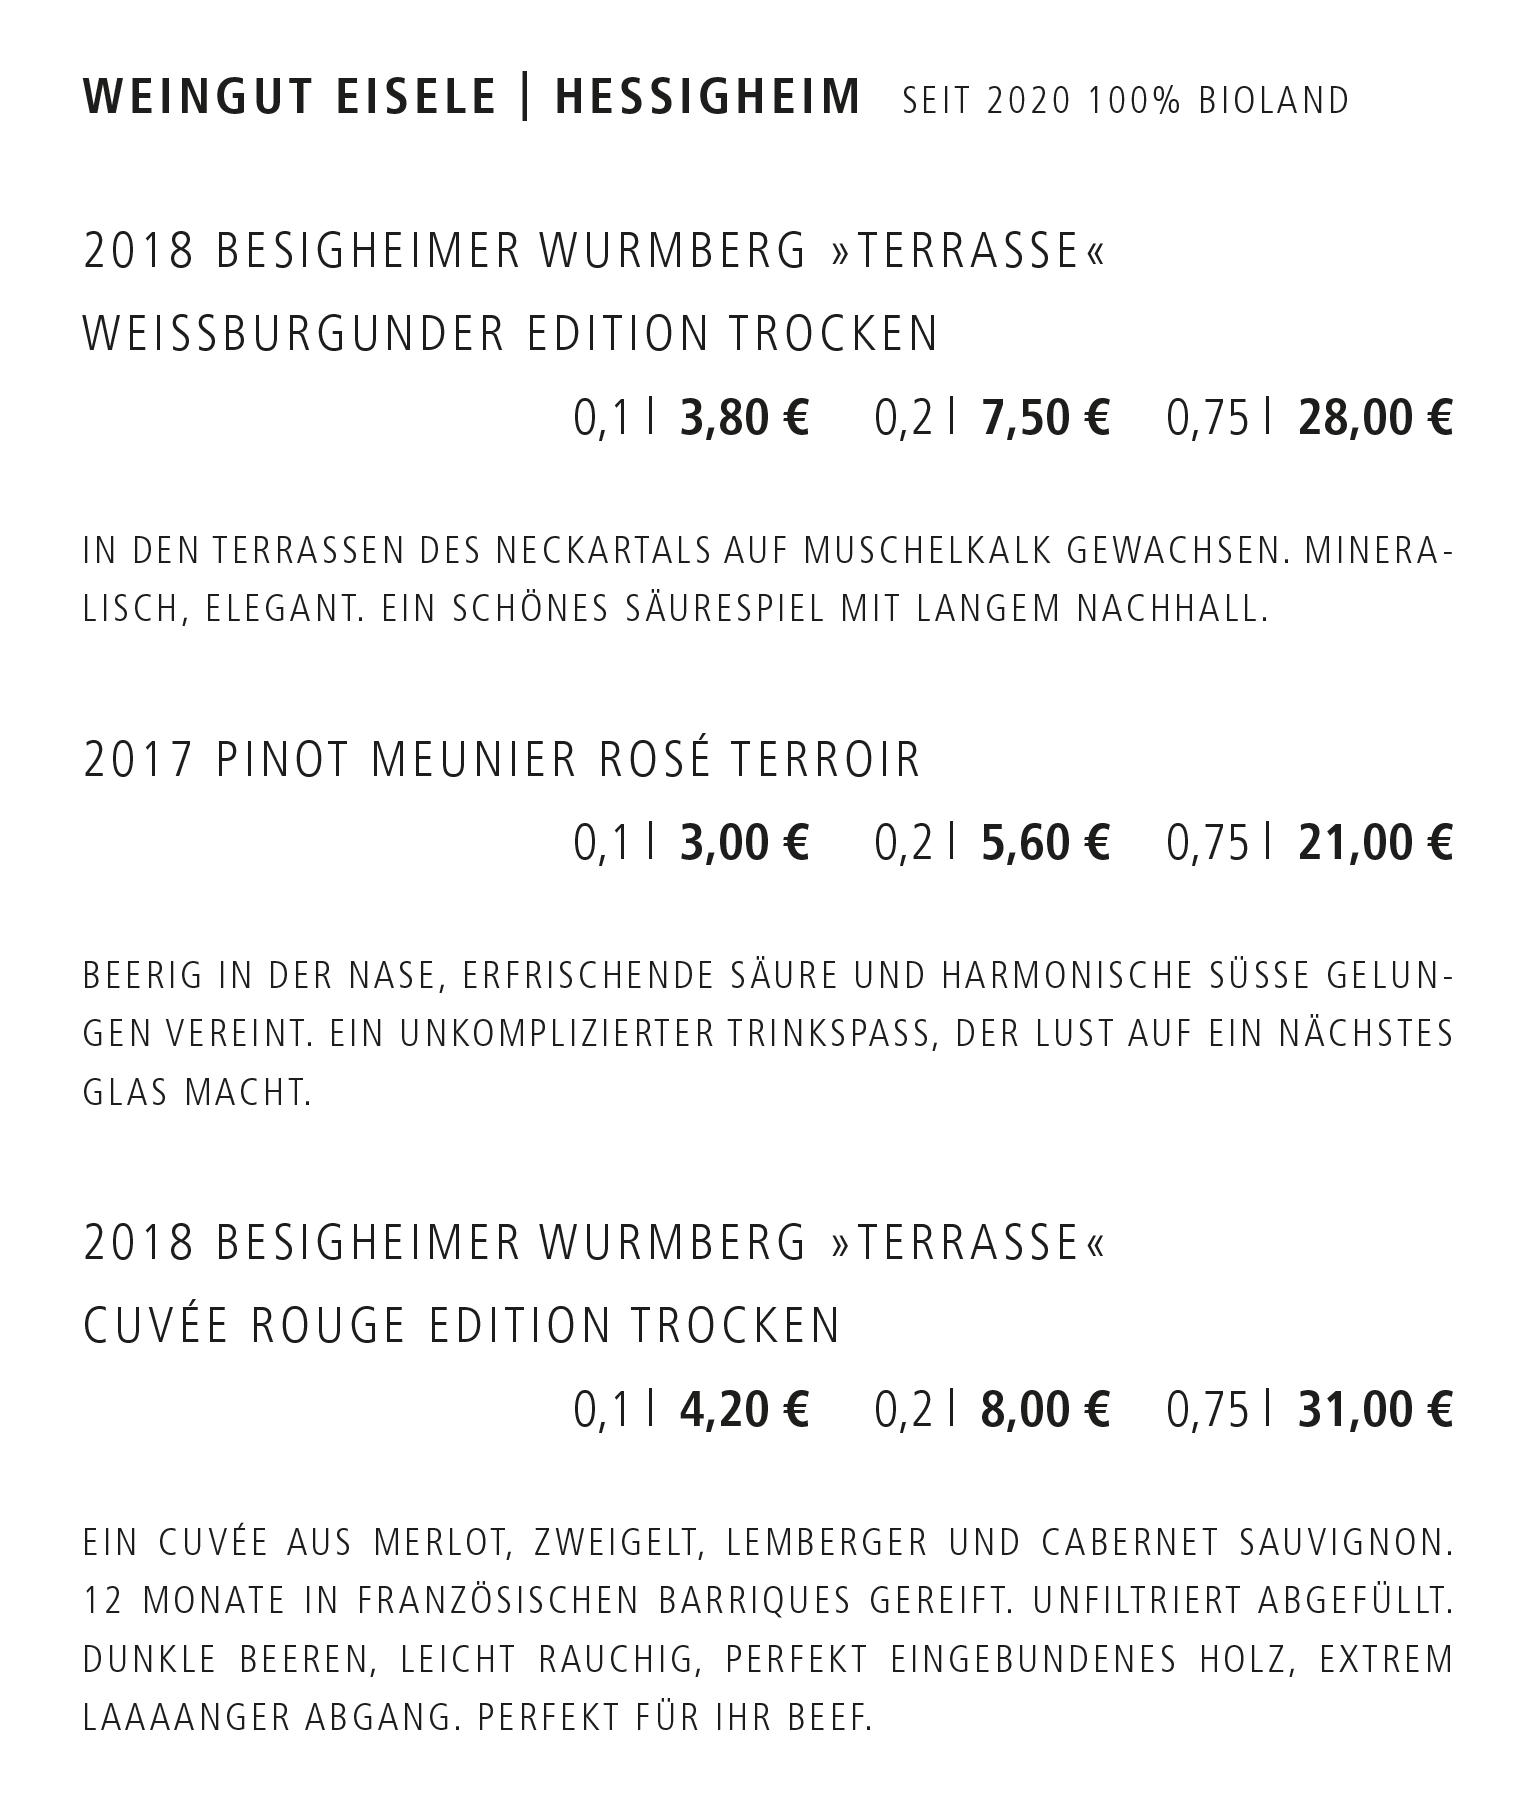 9_Weingut Eisele